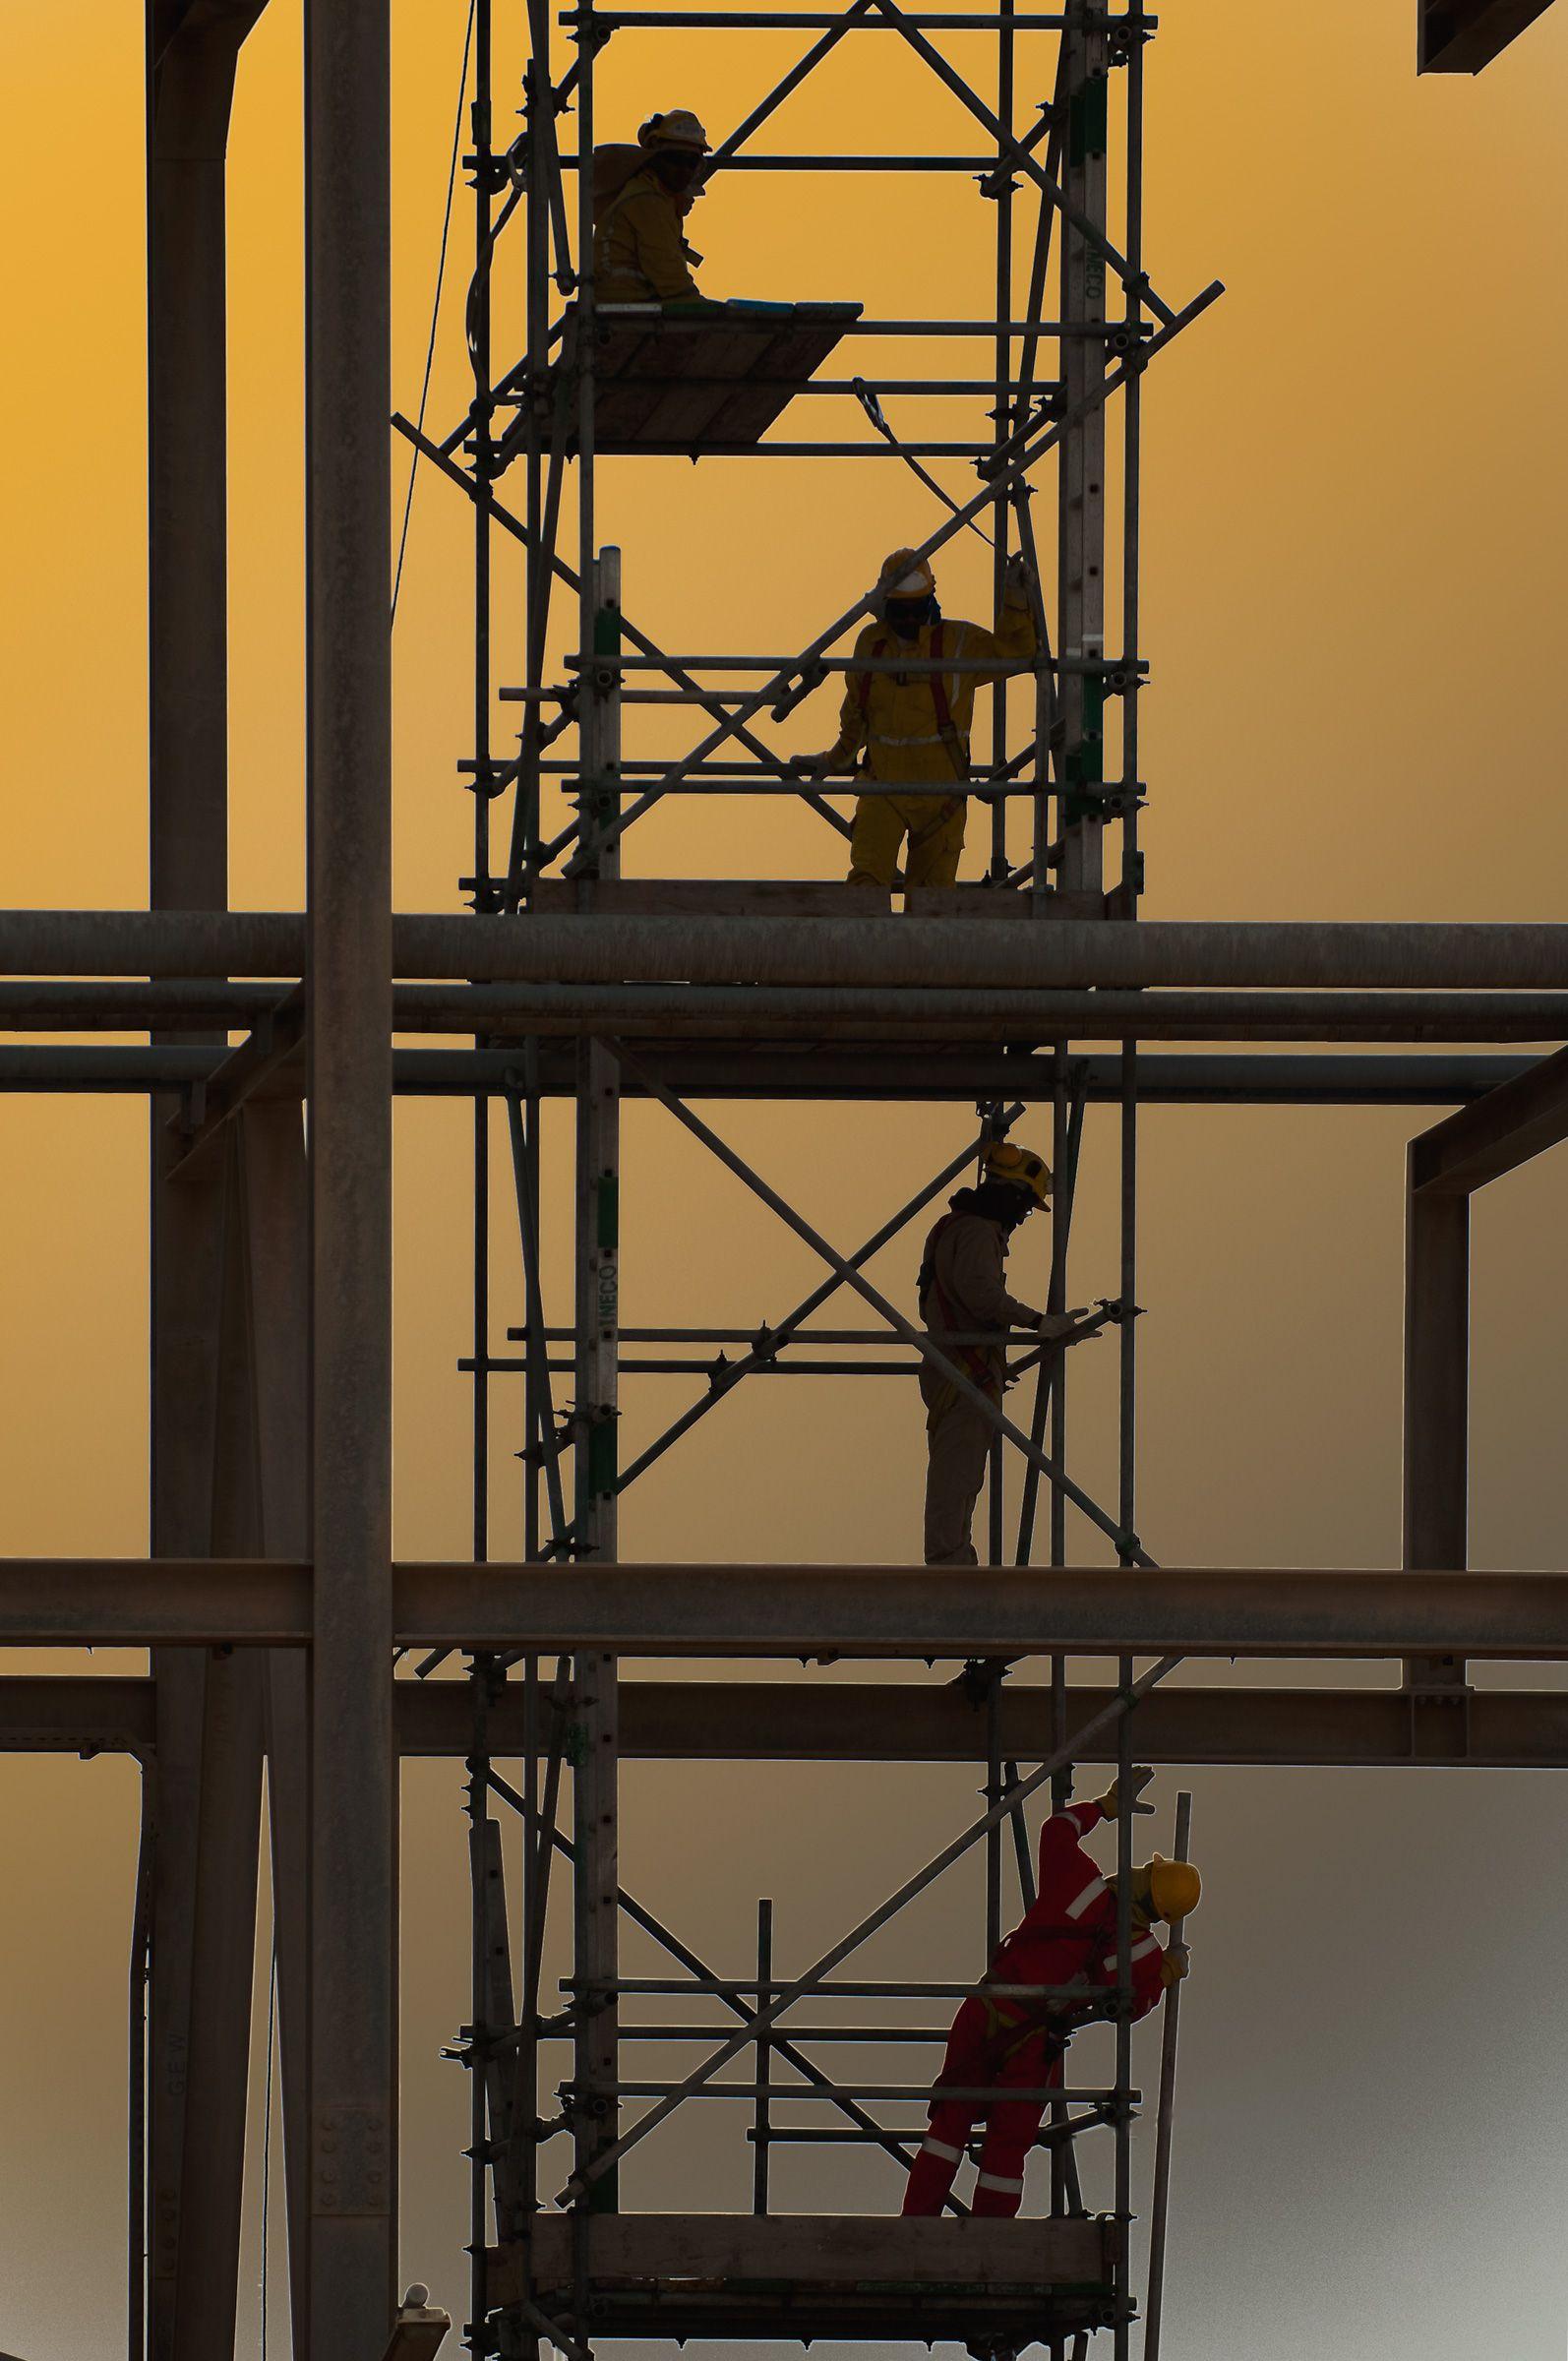 Turnaround / Qatar